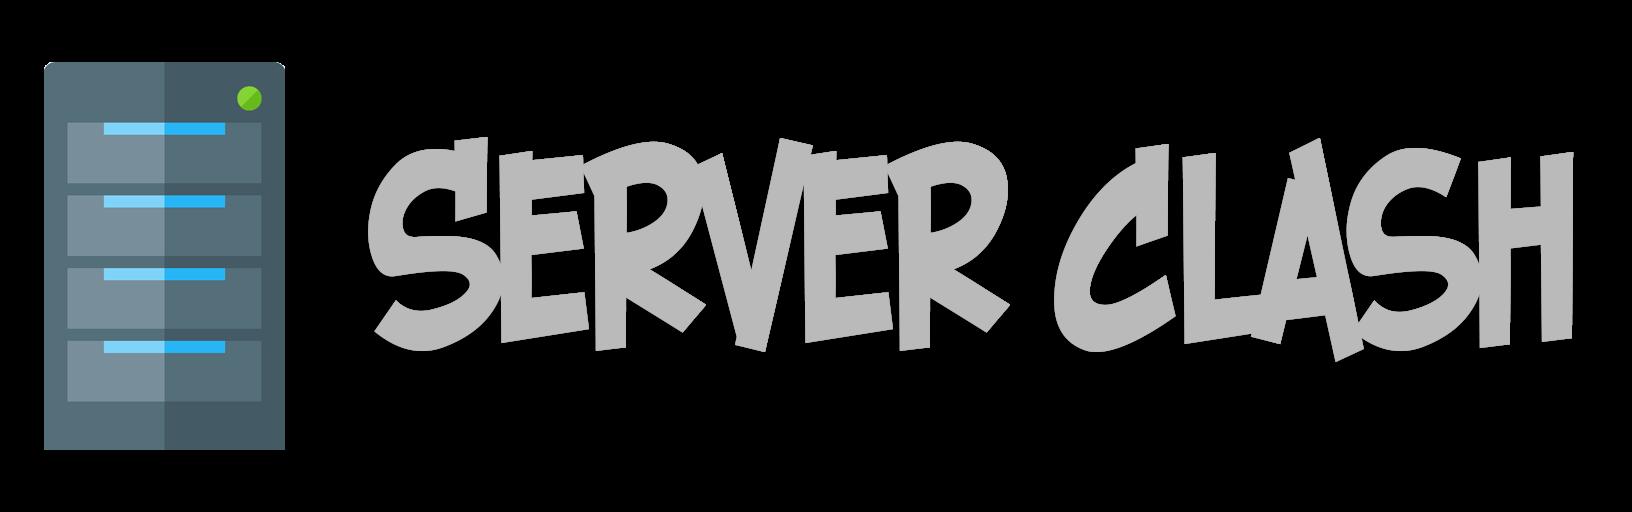 Server Clash